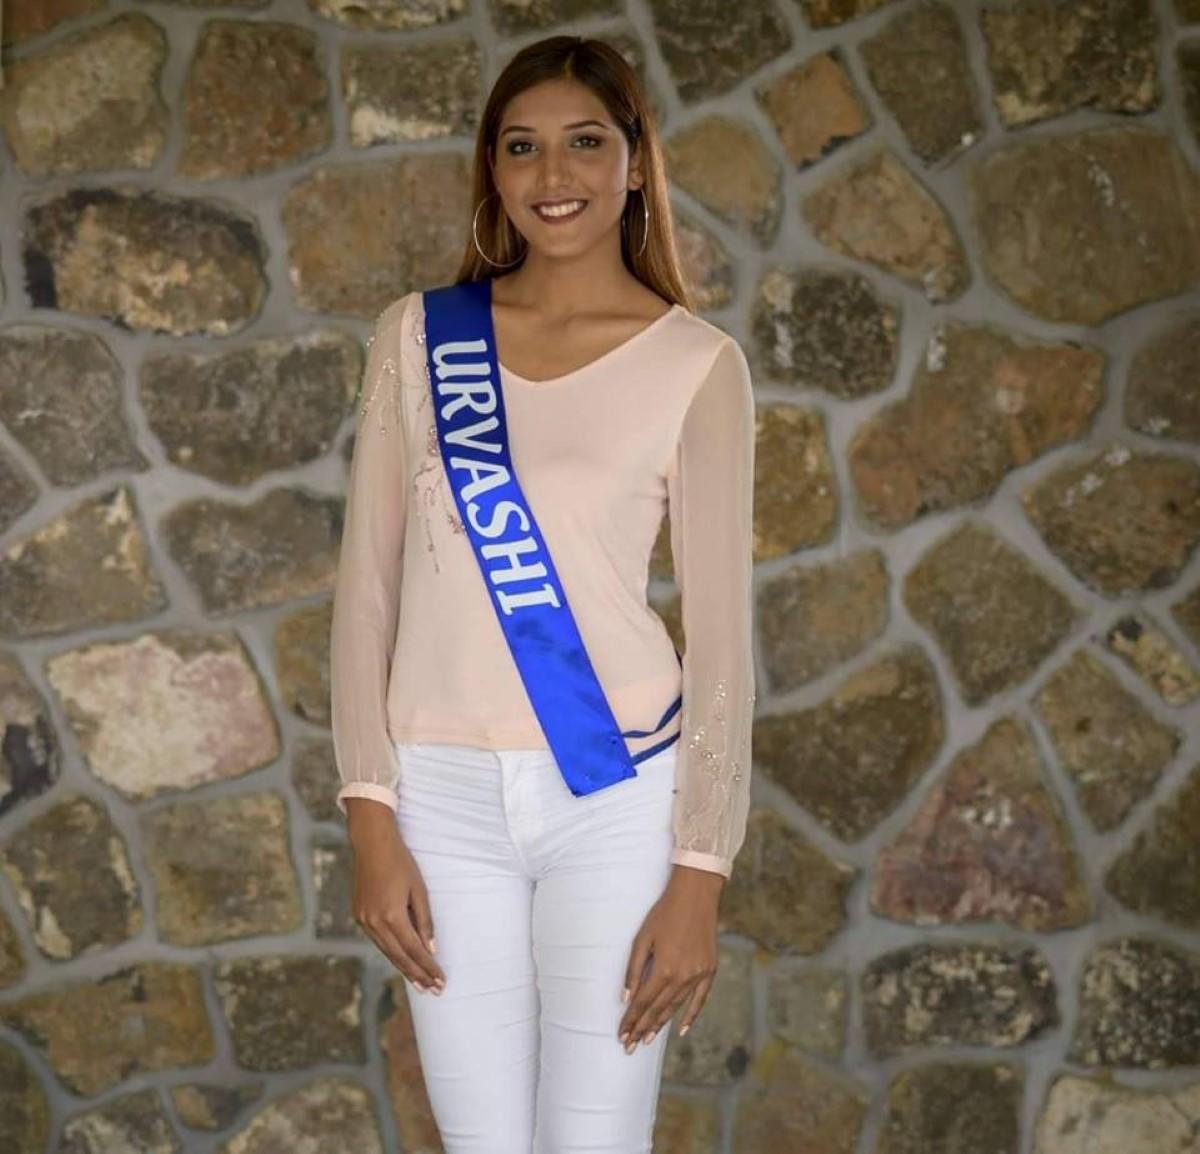 Concours Miss Mauritius : La gagnante est Urvashi Gooriah